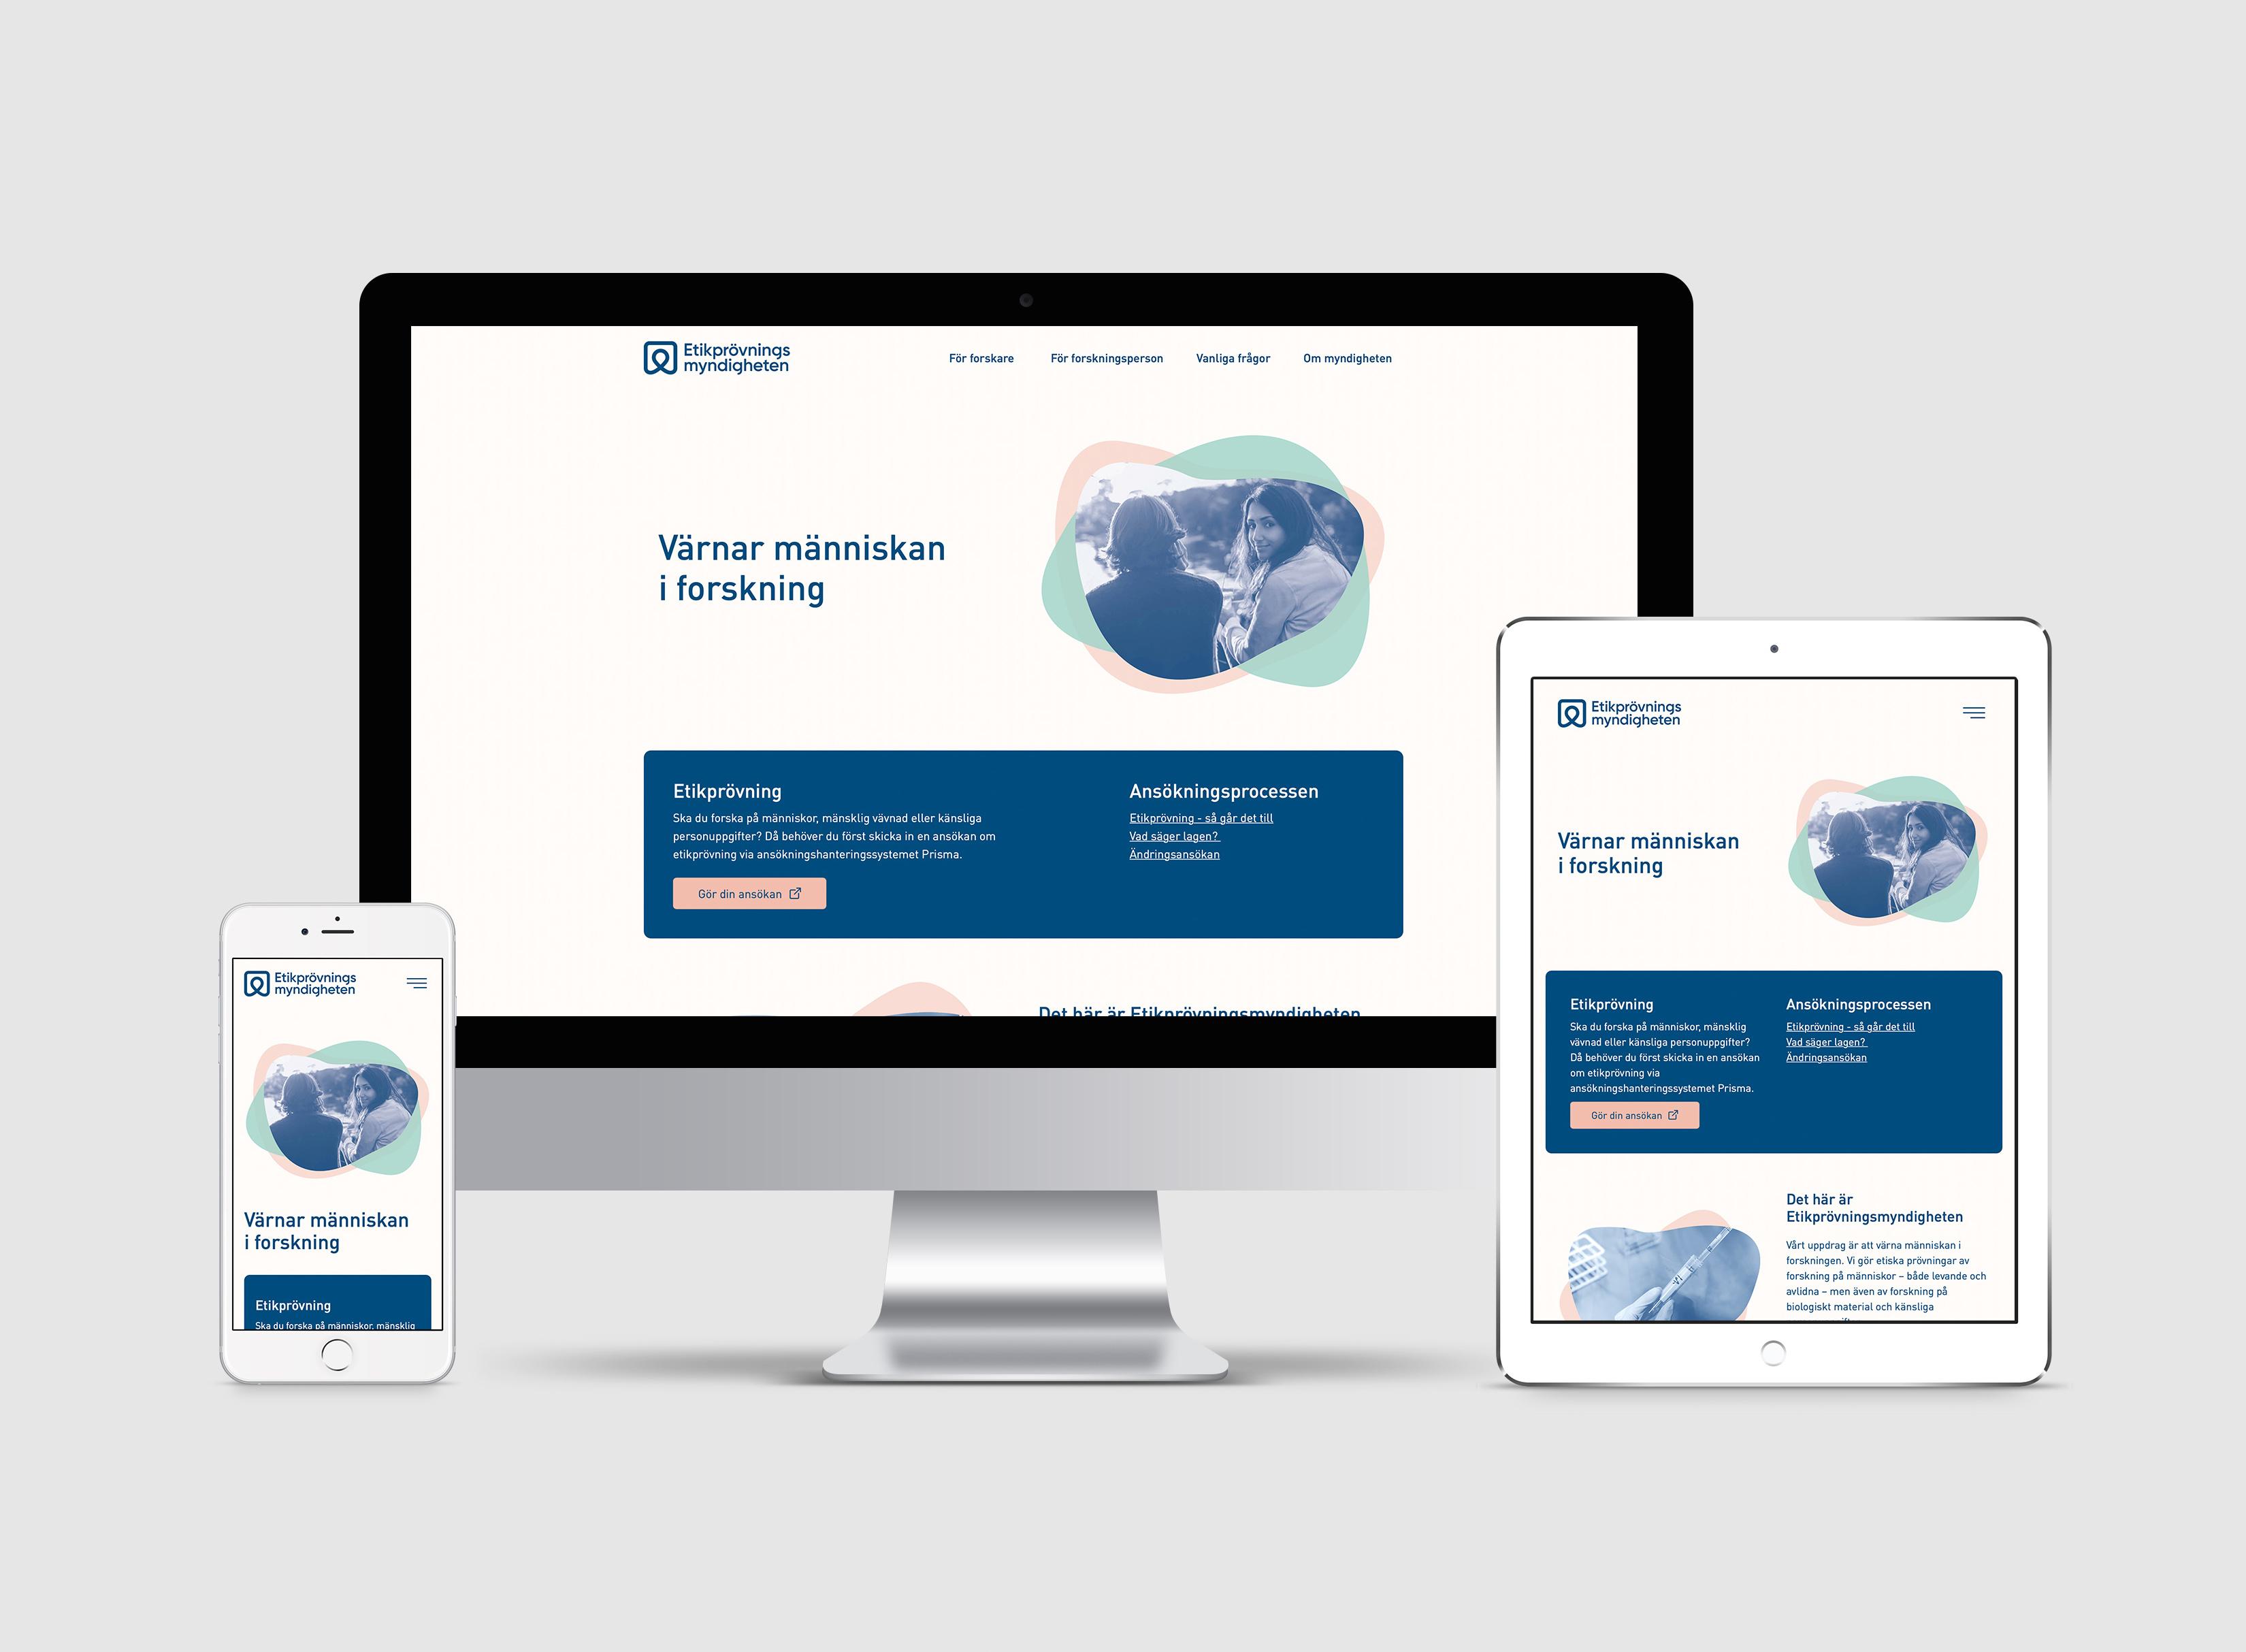 Etikprövningsmyndigheten webbplats